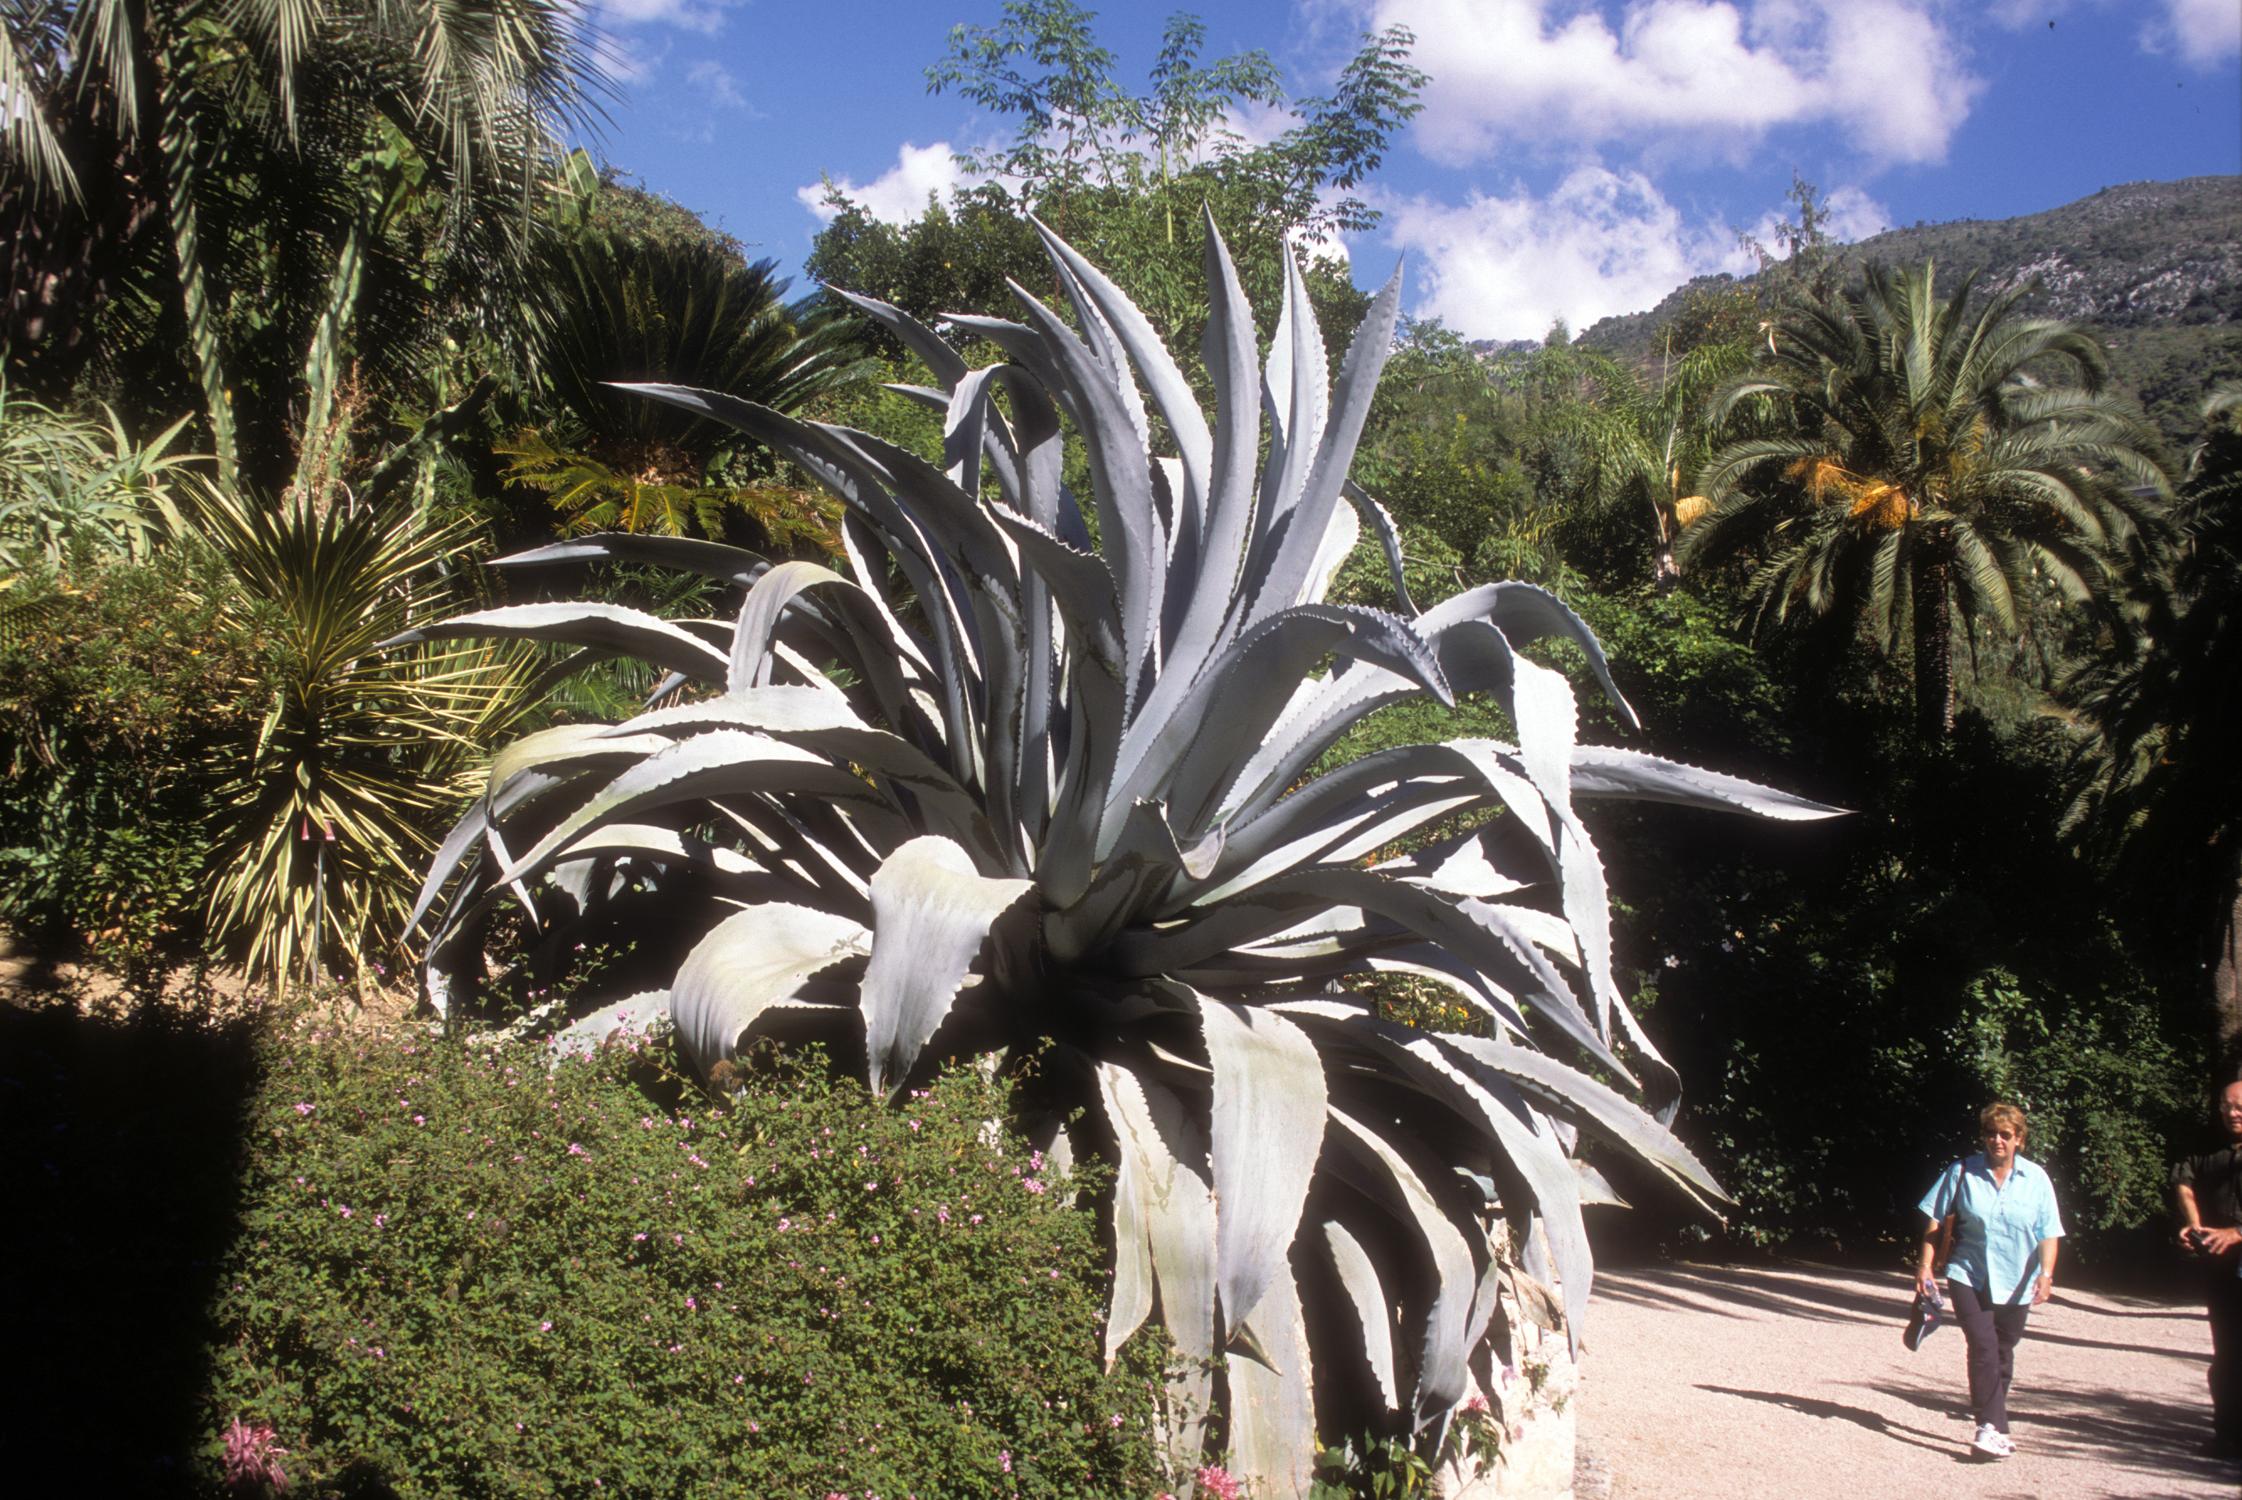 agave de la papiloame